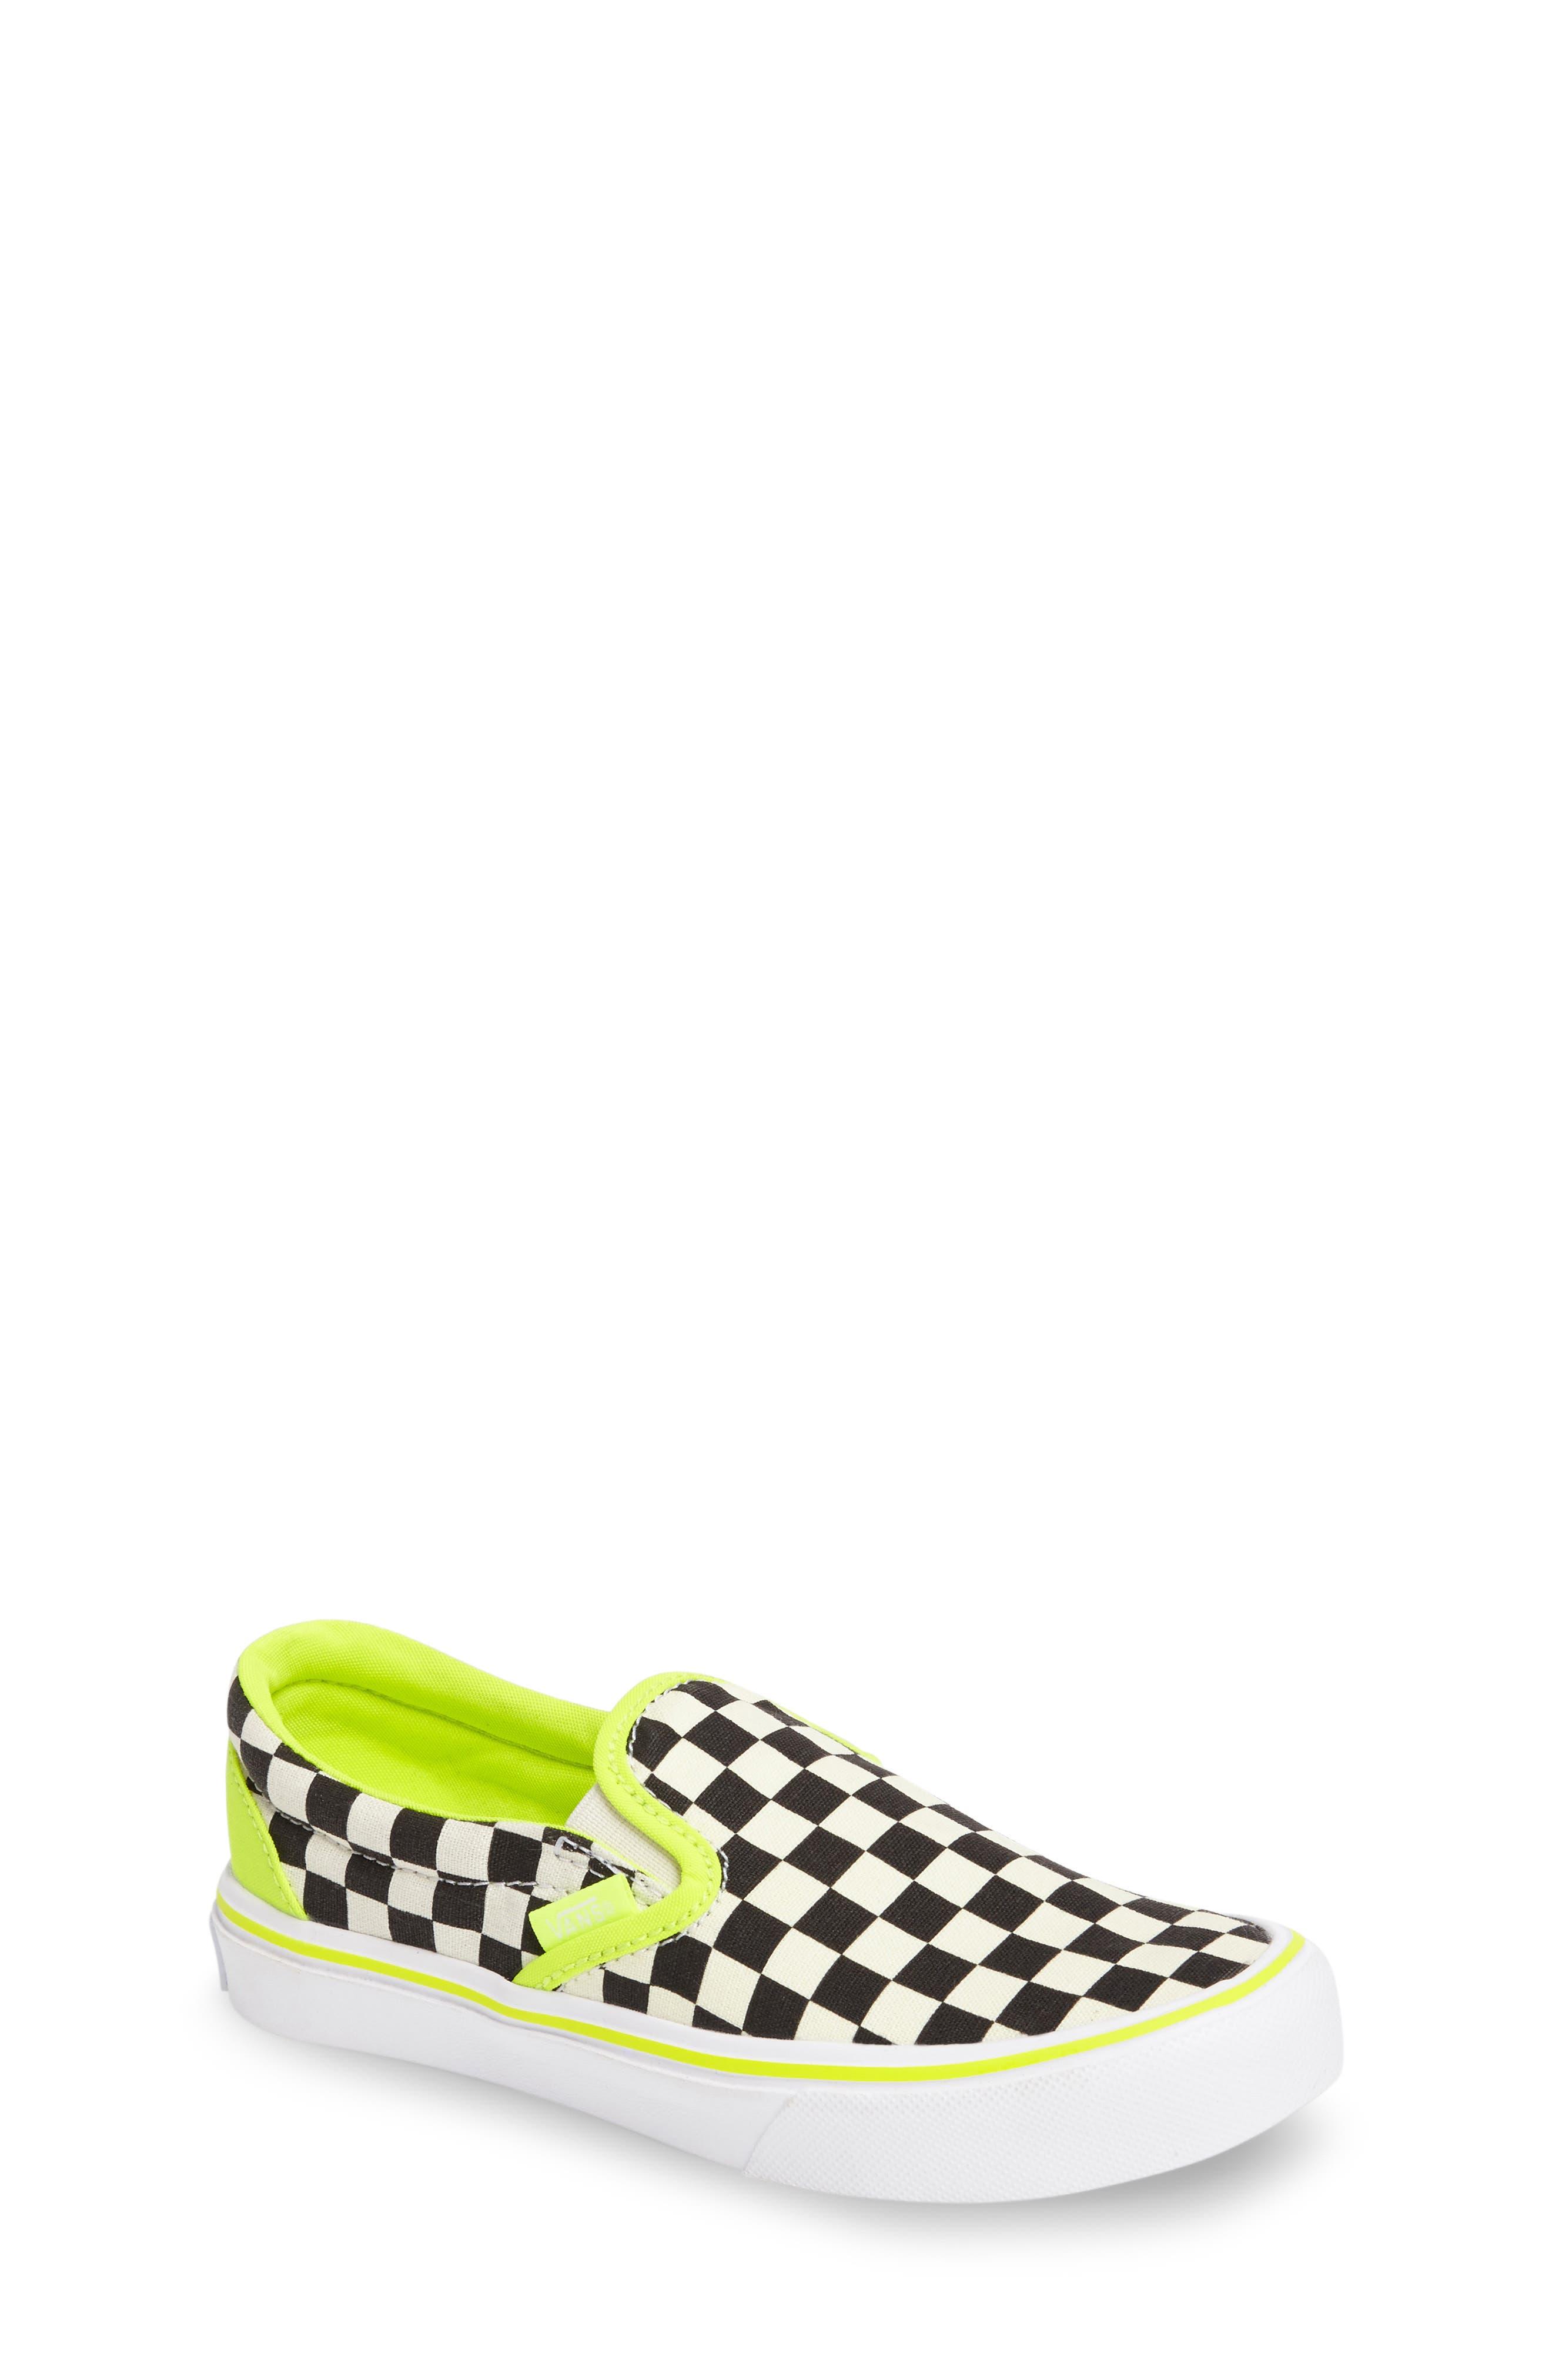 VANS Classic Freshness Slip-On Lite Sneaker